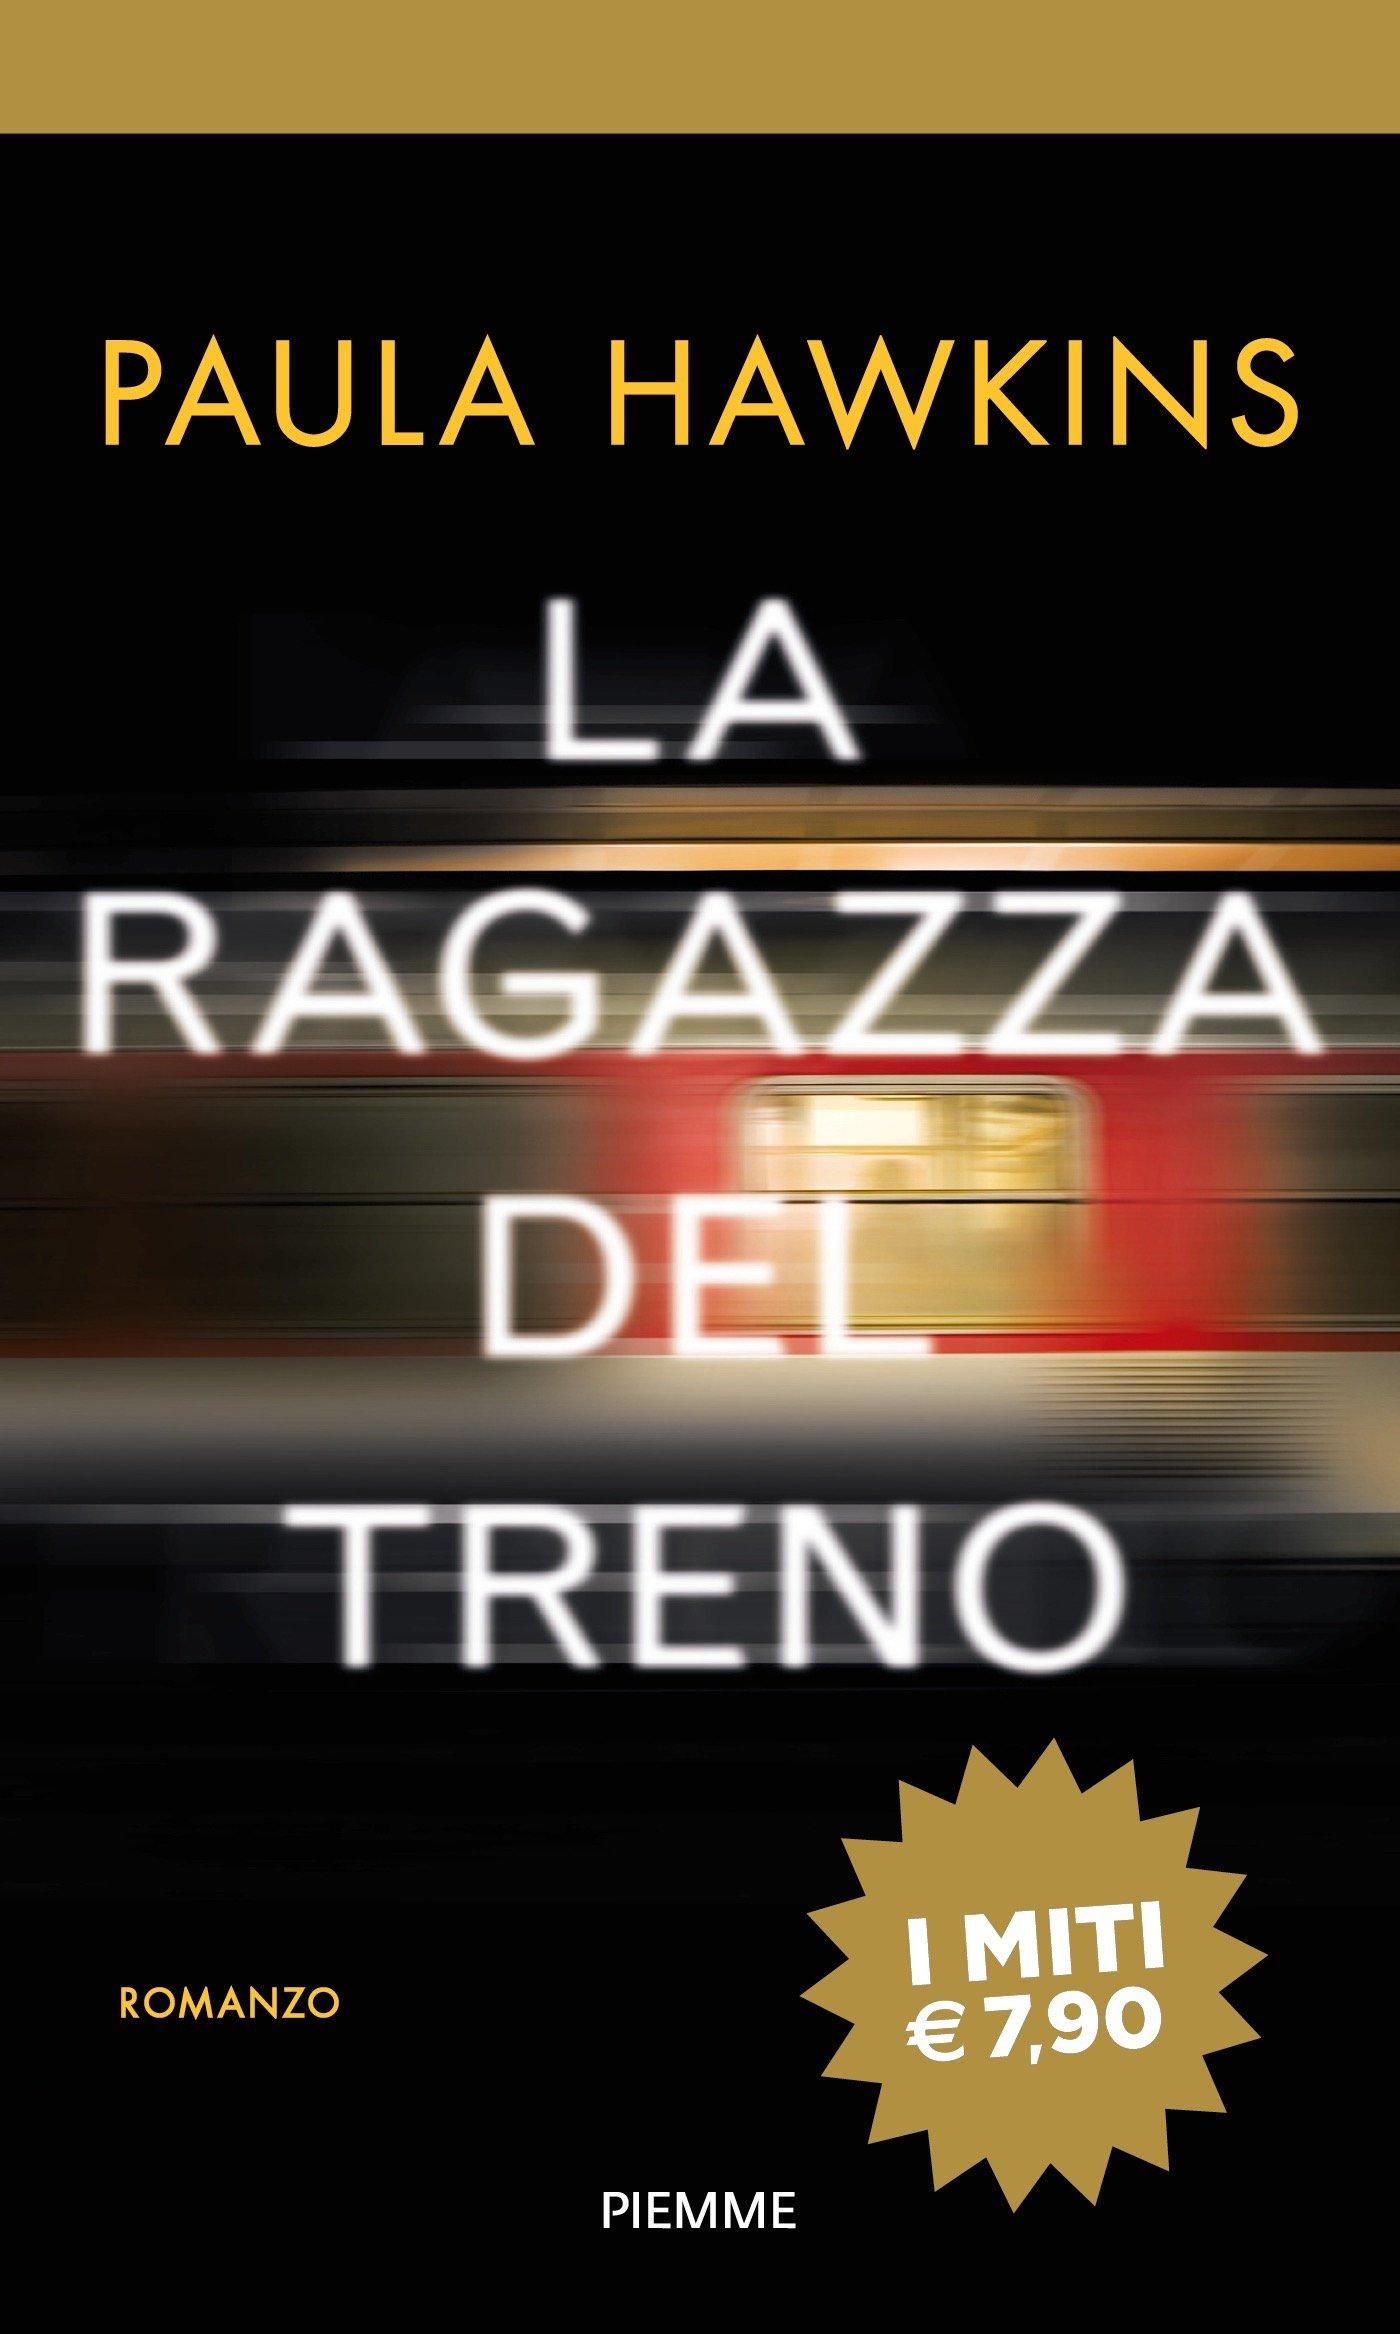 La ragazza del treno (I miti): Amazon.es: Paula Hawkins, B. Porteri: Libros en idiomas extranjeros